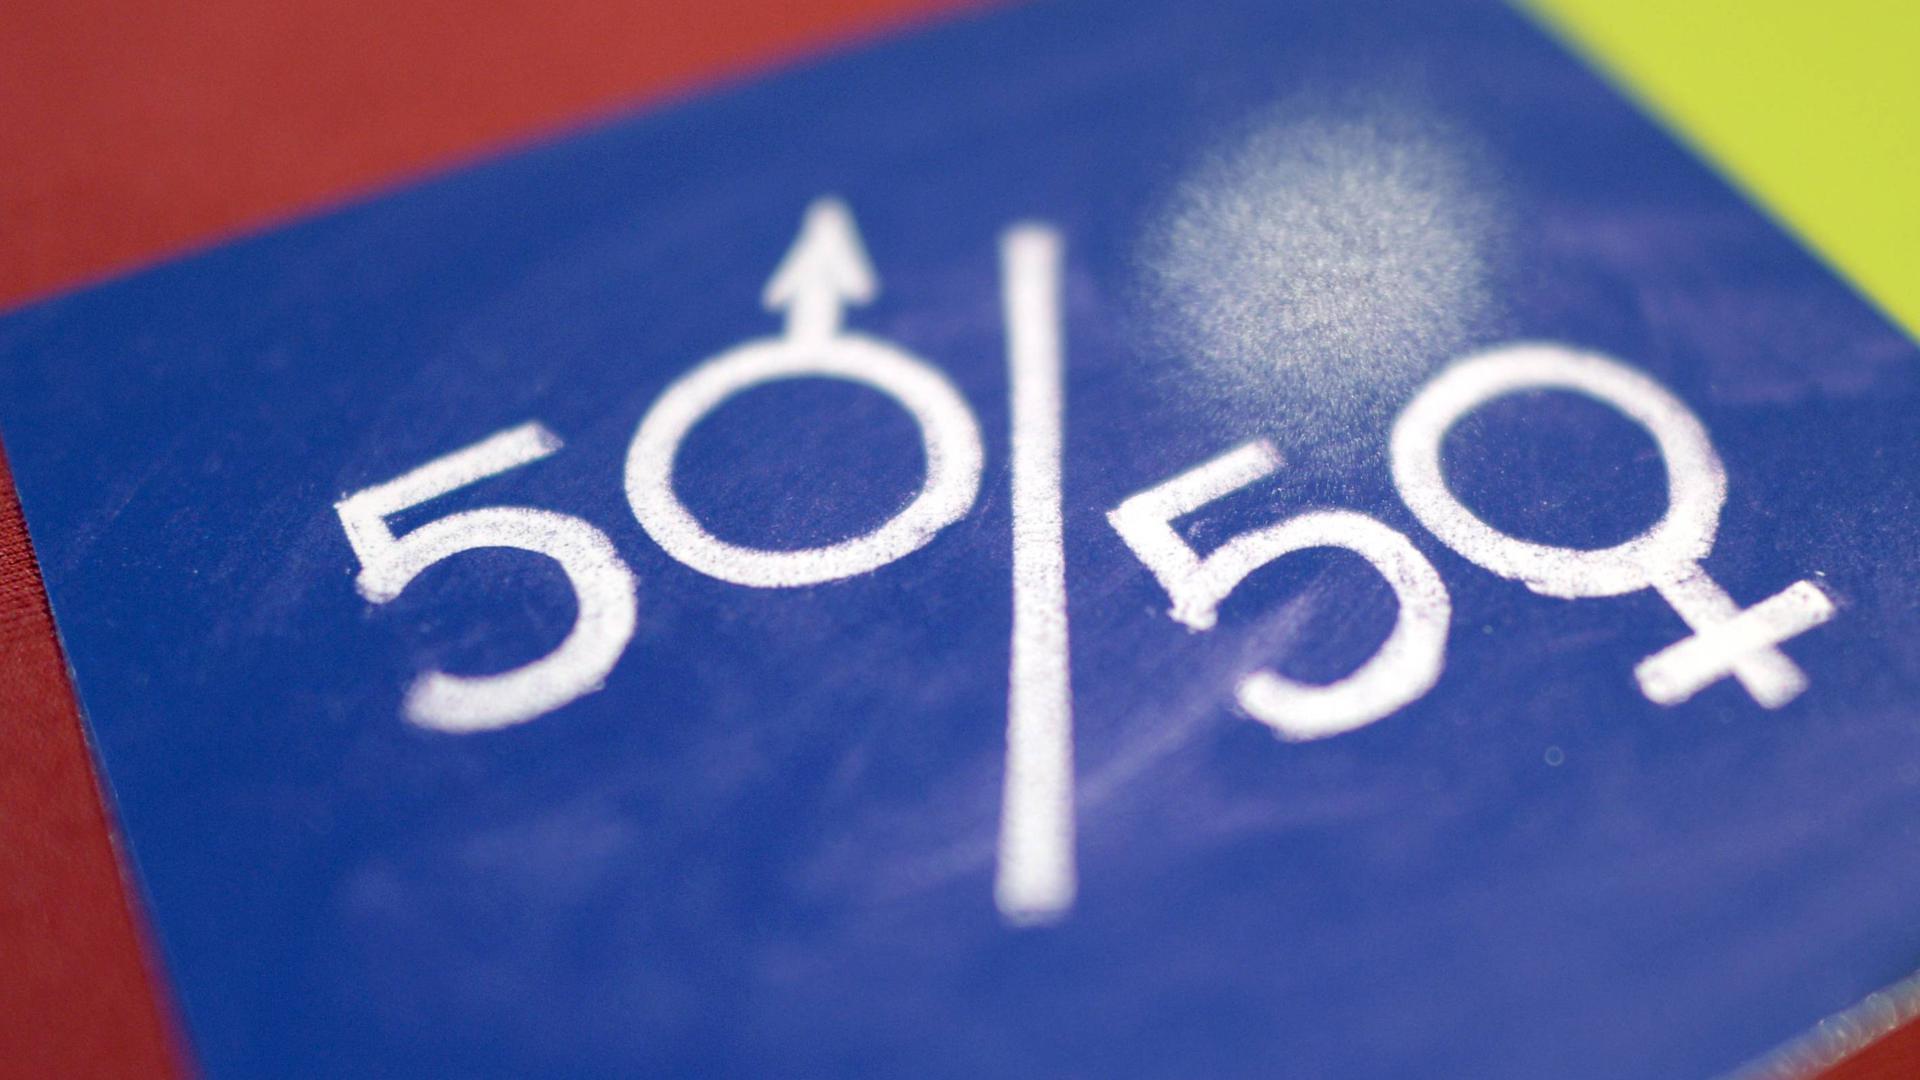 Zunehmend rücken auch Jungen- und Männerthemen in den Fokus. Noch fehlt es an Ansprechpartnern.  (Symbolbild)